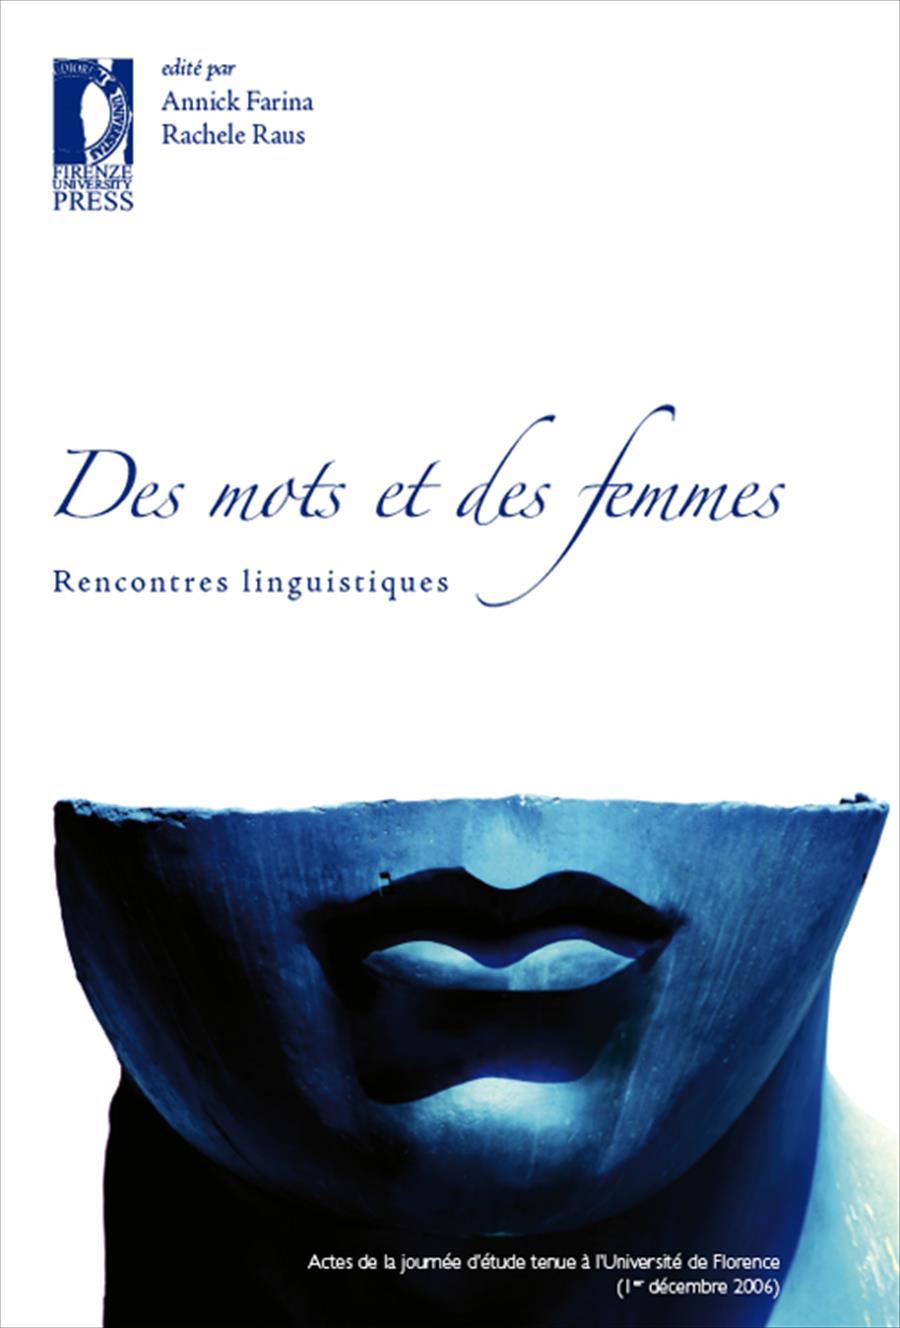 Des mots des femmes: rencontres linguistiques